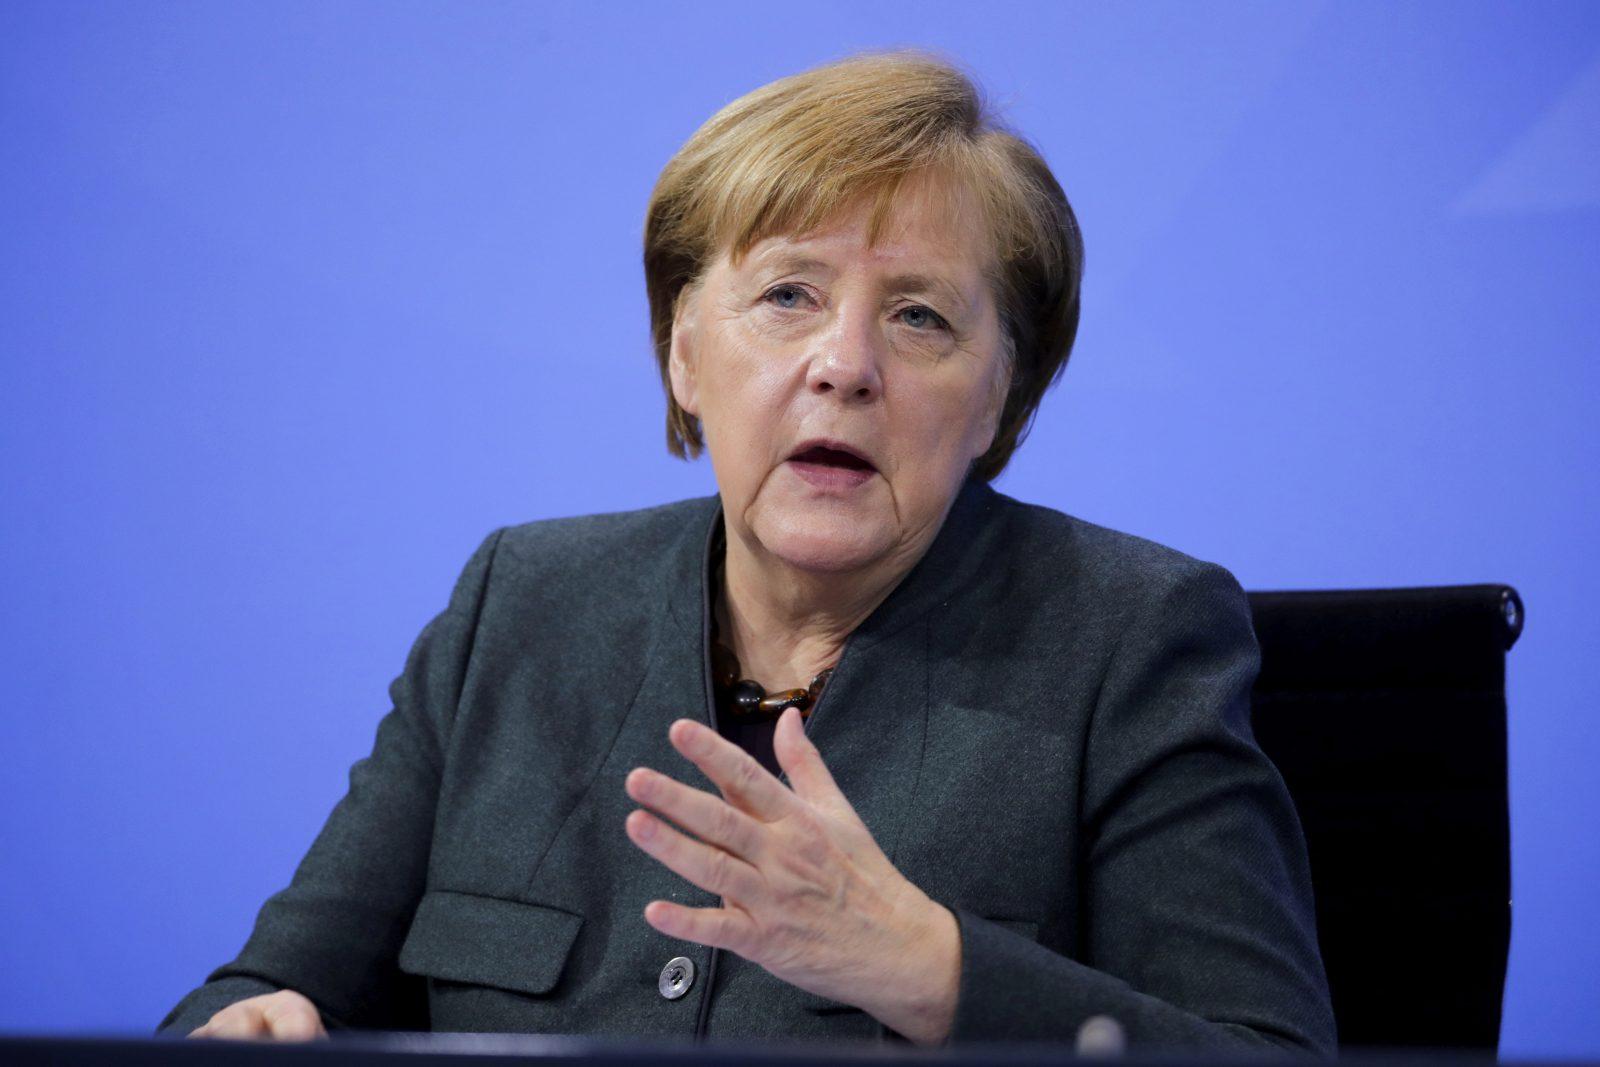 Bundeskanzlerin Angela Merkel (CDU) denkt über Grenzkontrollen zur Pandemiebekämpfung nach Foto: picture alliance / ASSOCIATED PRESS | Hannibal Hanschke